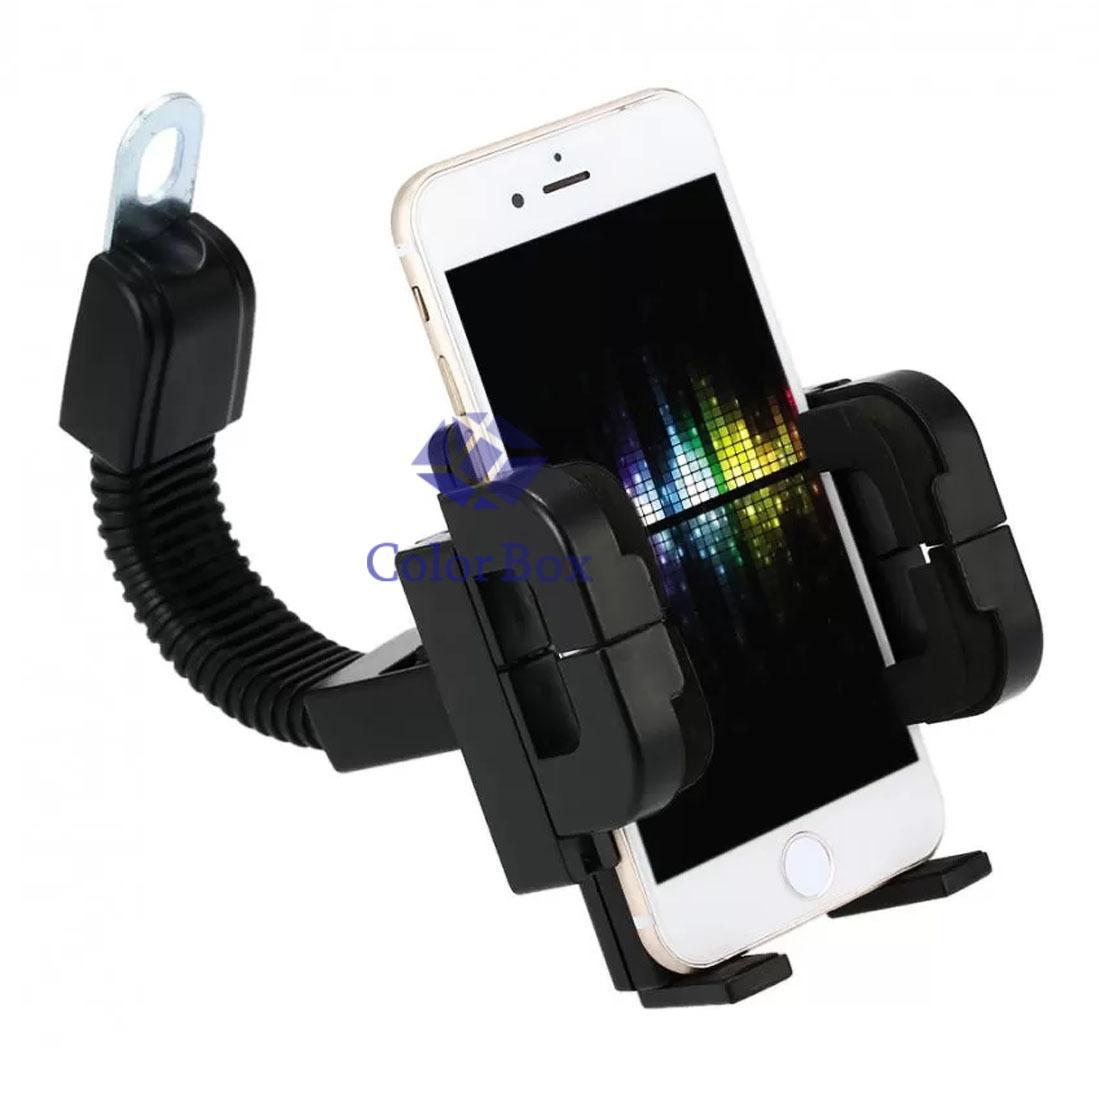 Mr Phone Holder Spion Holder Sepeda Motor Holder GPS Holder Motor Spion Holder Handphone di Motor Holder Motorcycle / GPS Holder Sepeda Motor - Hitam